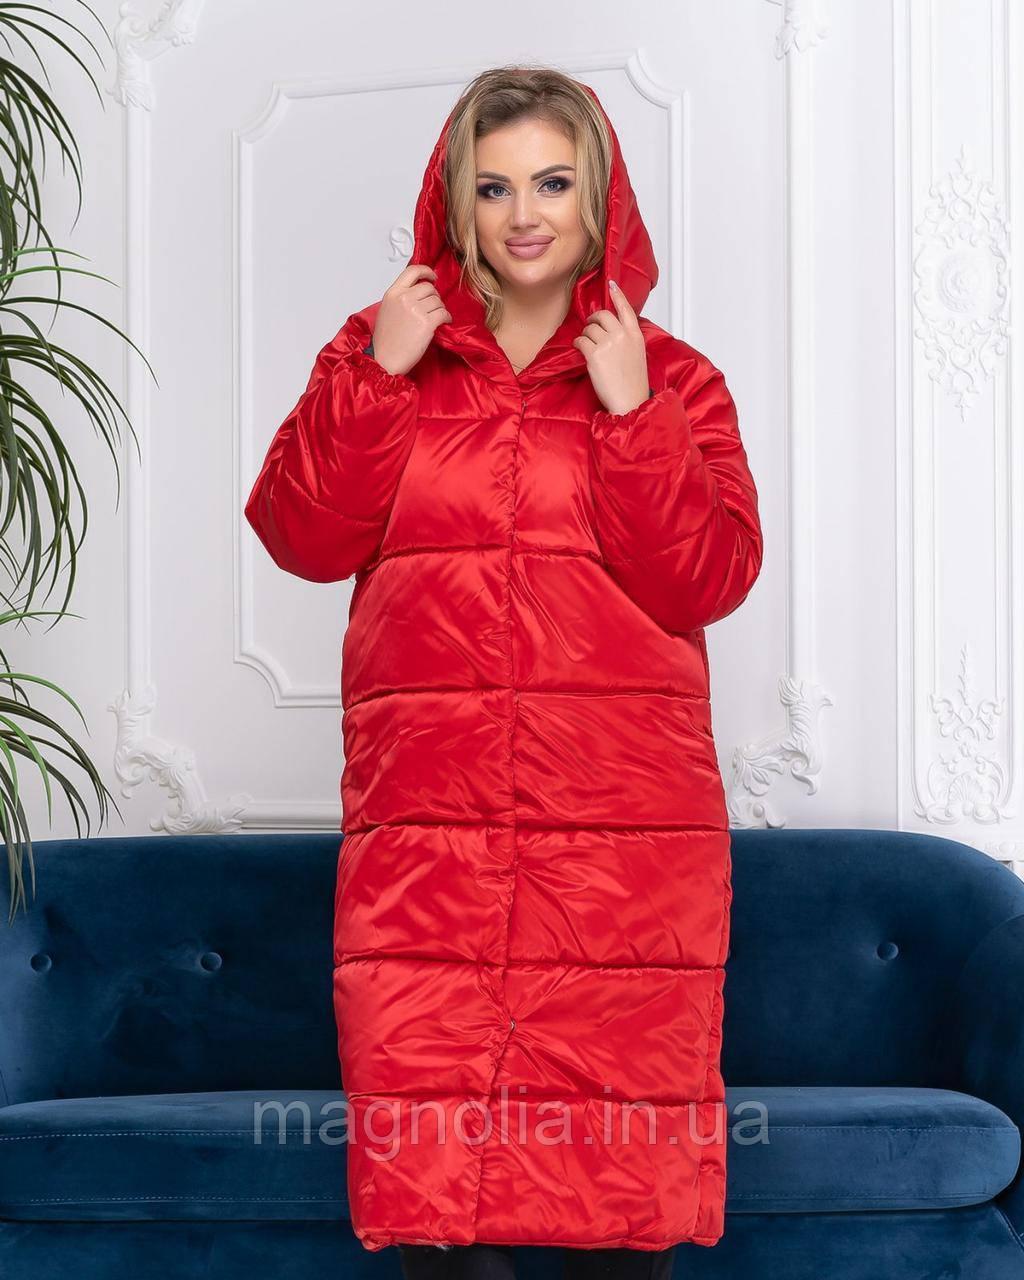 Зимняя теплая куртка с капюшоном курточка пальто пуховик плащевка силикон 46-48